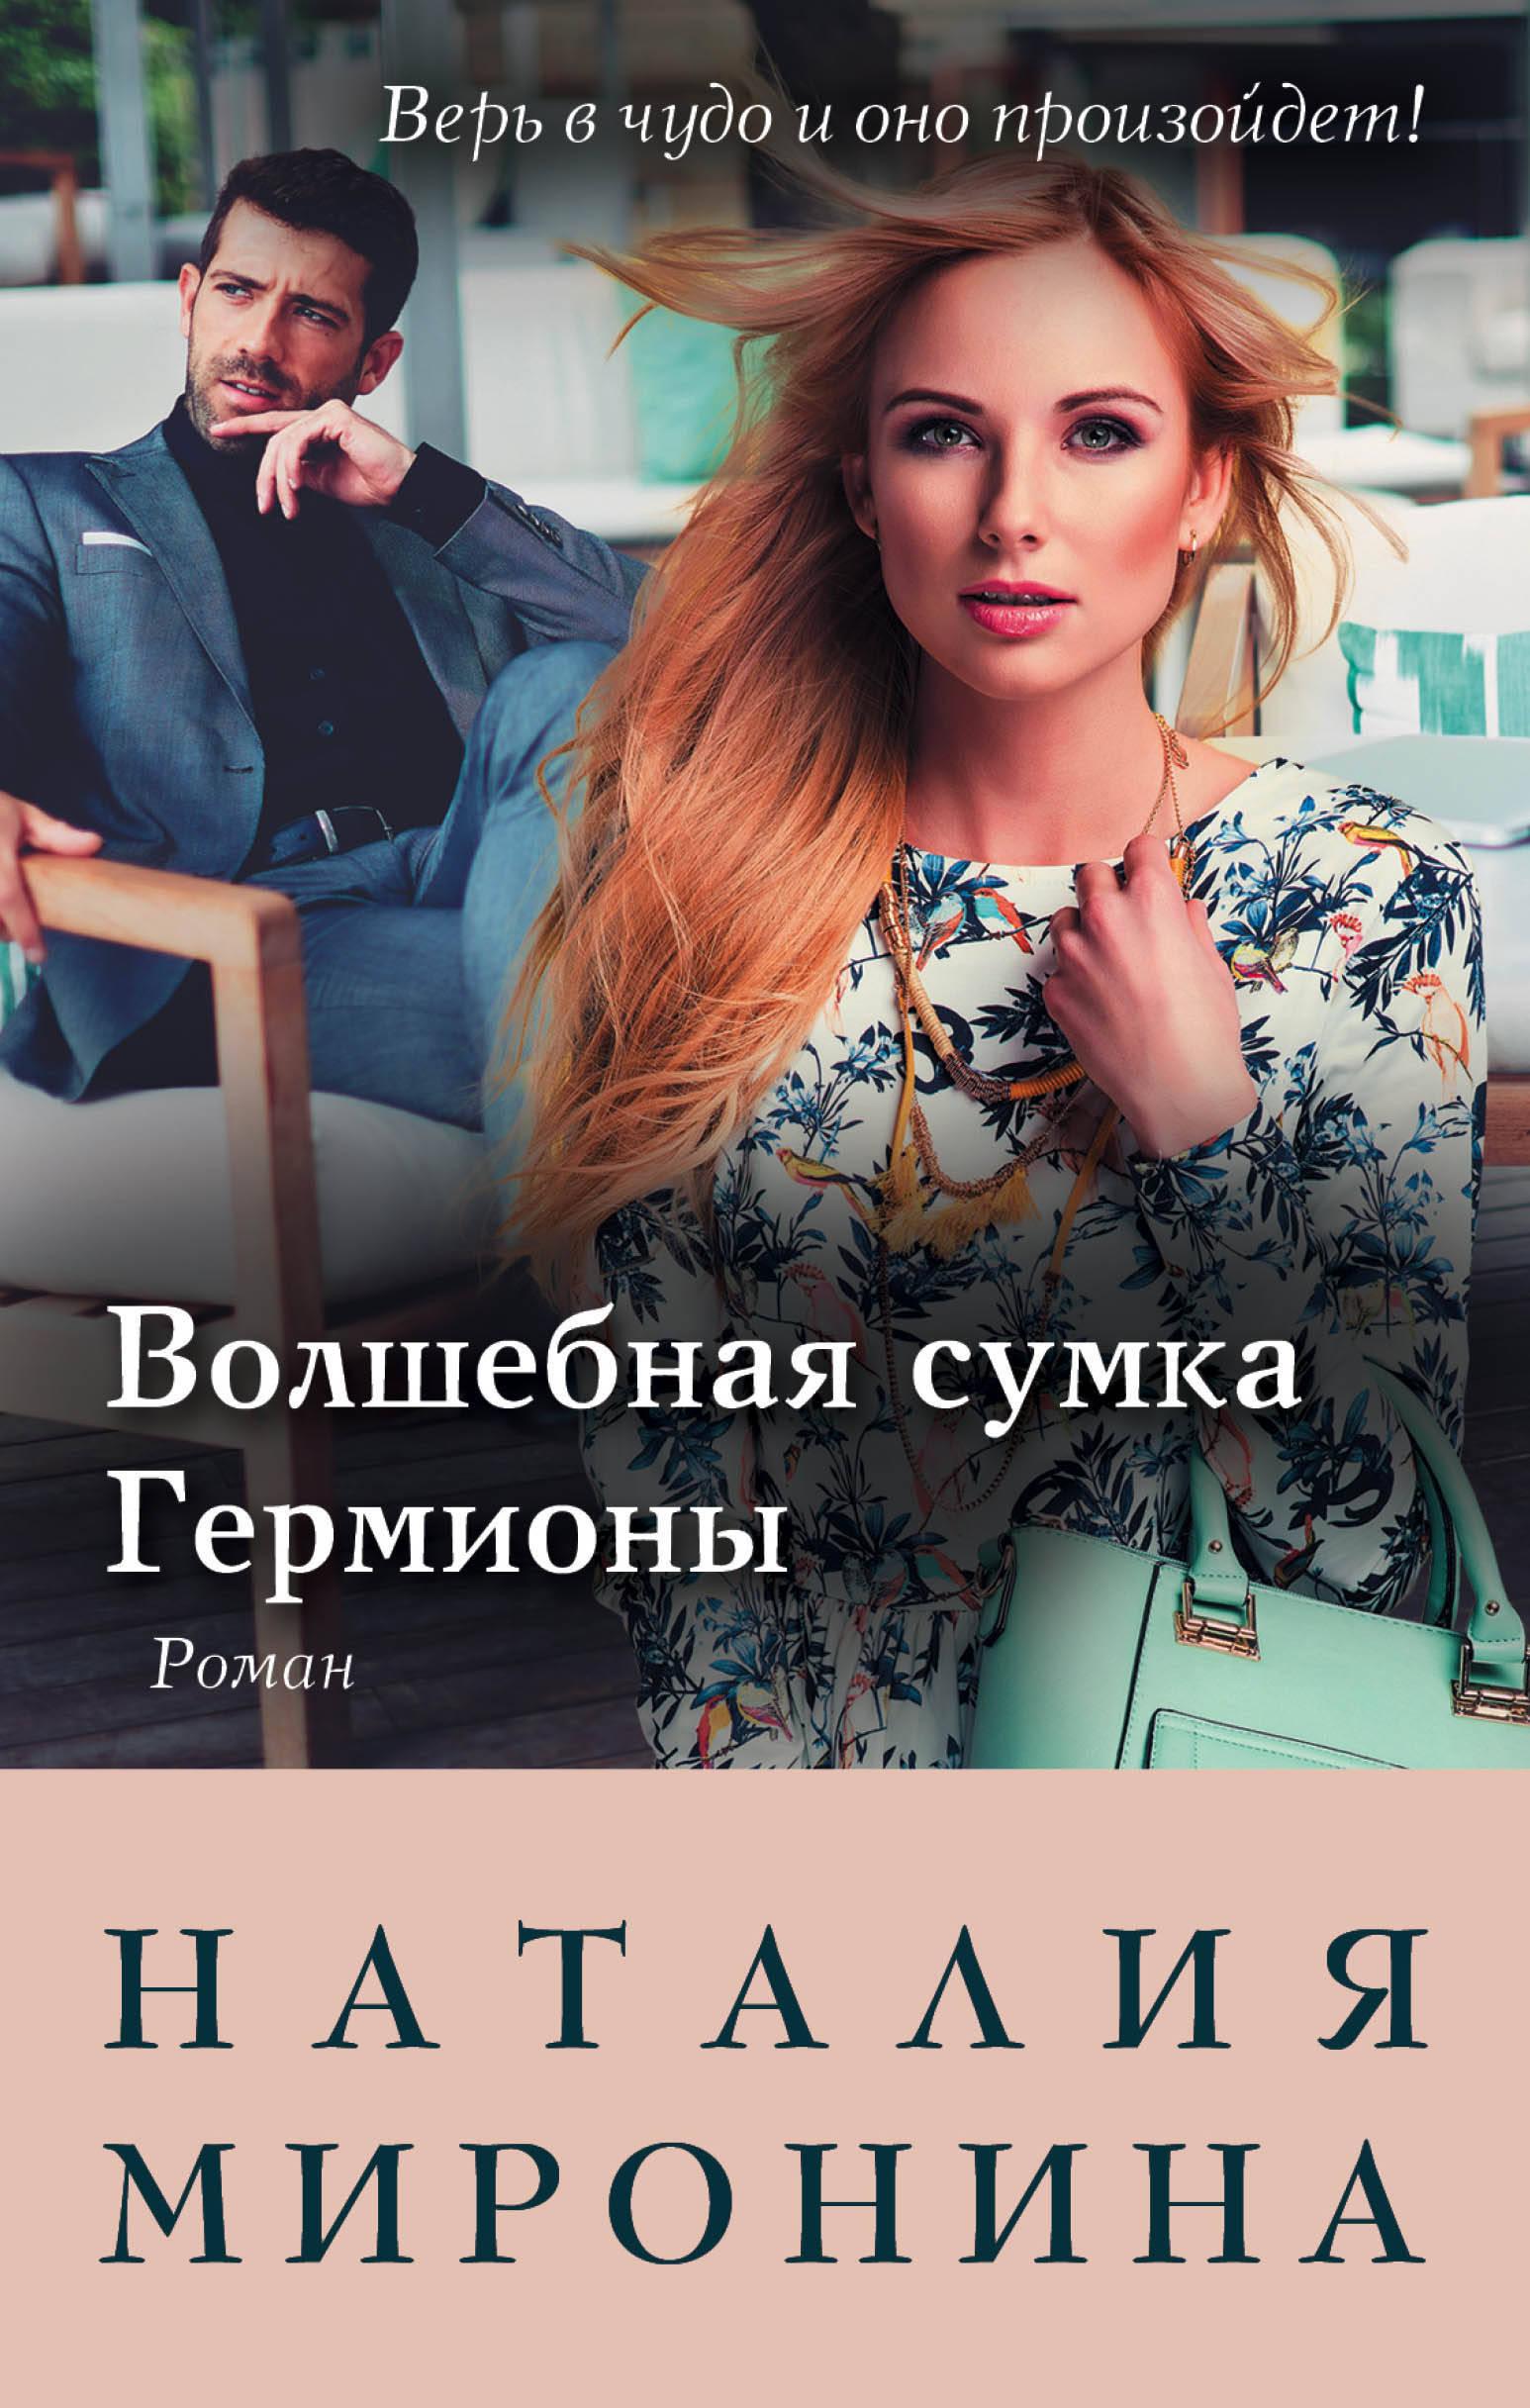 Миронина Наталия Волшебная сумка Гермионы